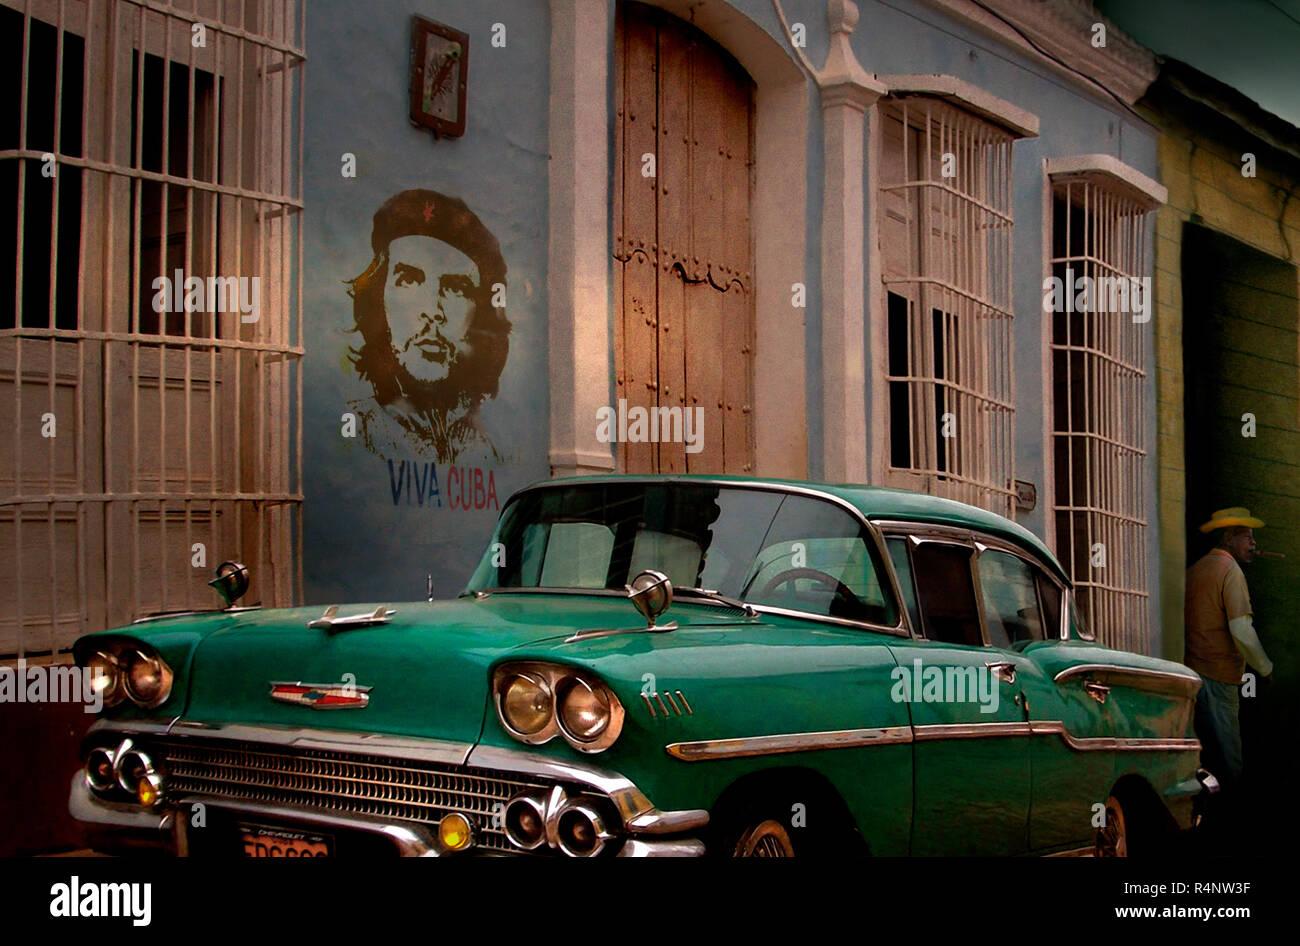 Coches Antiguos y graffiti del Che Guevara en la calle Trinidad, Provincia SpritusSanctiÂ, Cuba Foto de stock